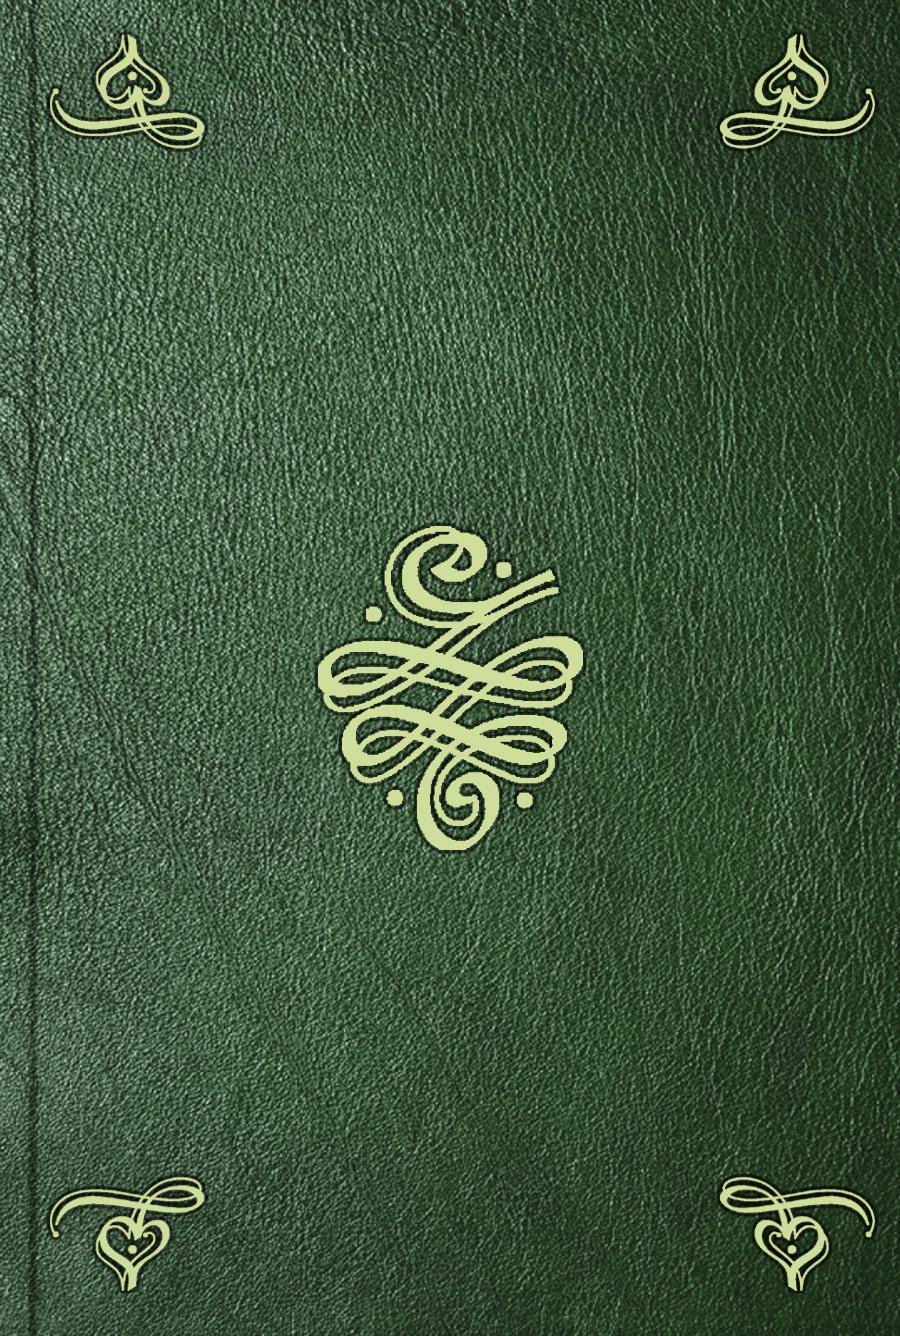 Encyclopedie monastique